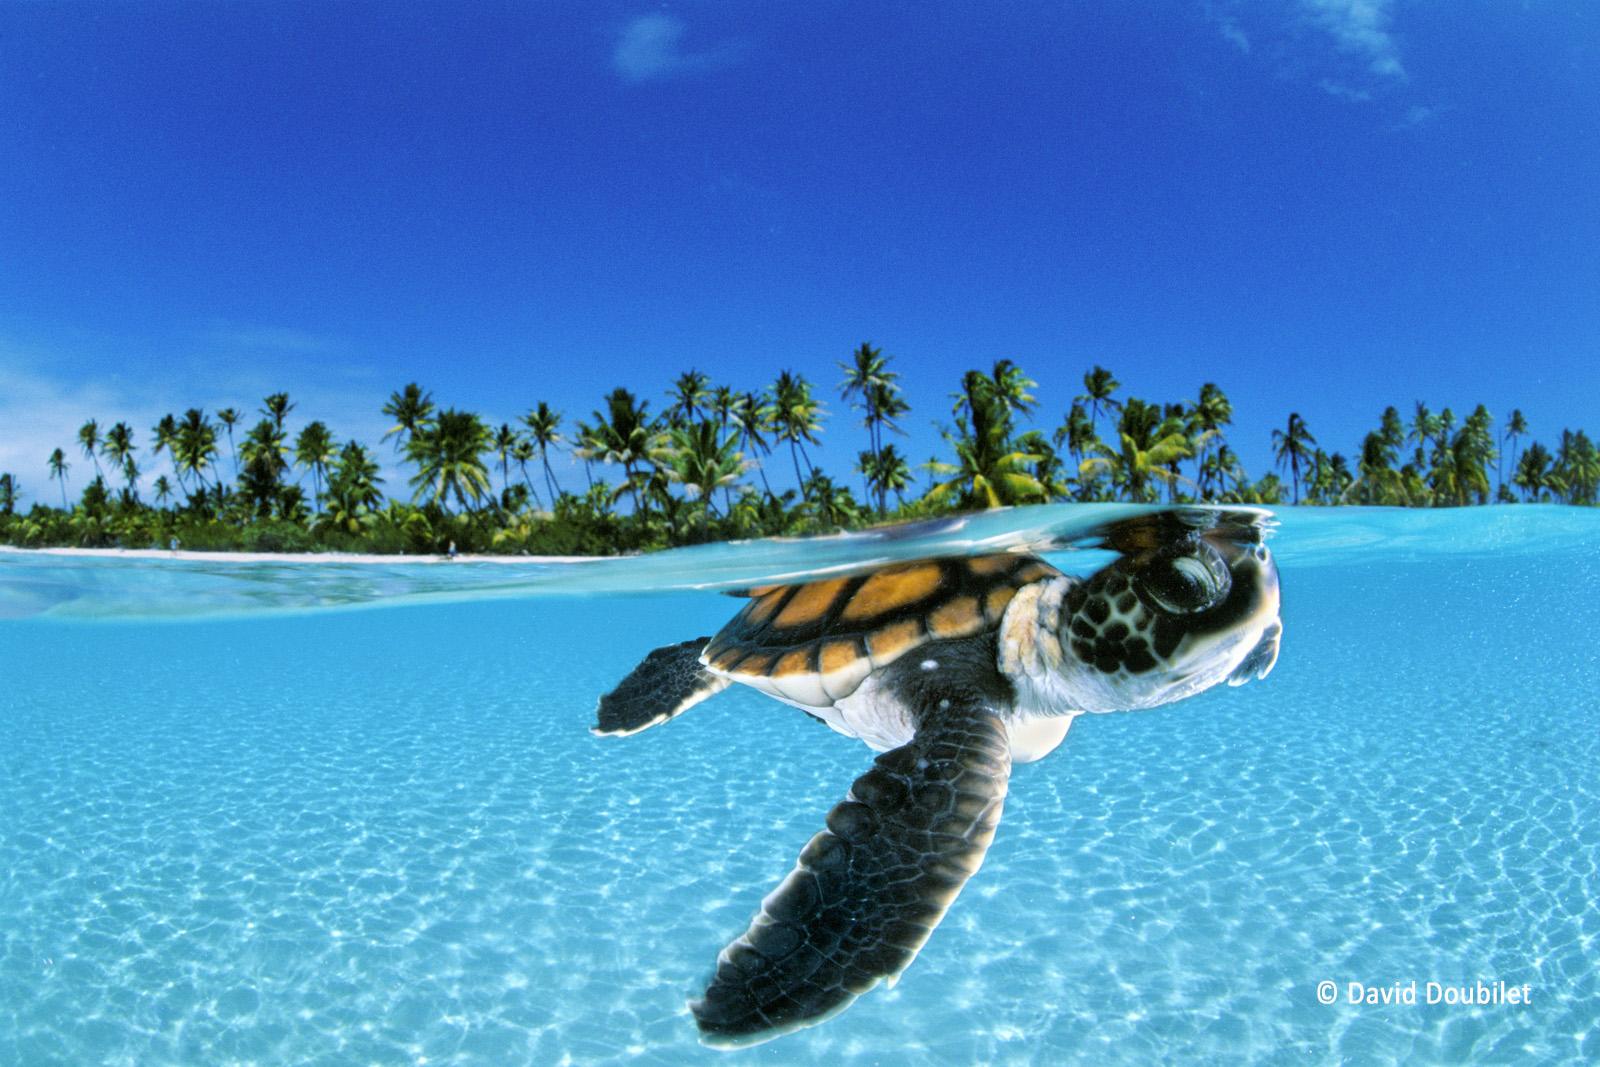 Le nouveau-né. Une jeune tortue verte nage vers la sécurité du large le long de l'atoll Nengonengo dans l'archipel des Tuamotu en Polynésie française. Les tortues vertes sont classées dans la liste des espèces menacées de l'IUCN. Six espèces de tortues sur sept sont d'ailleurs classées comme menacées, en danger ou en danger critique, en raison de la chasse, la capture accidentelle dans les filets de pêche, la pollution et le changement climatique. Les effets de ce dernier entraînent la hausse du niveau des mers, provoquant l'inondation des nids et l'élévation de la température du sable qui impacte la proportion de tortues mâles par rapport aux femelles. En effet, des températures plus élevées produiront moins de mâles.